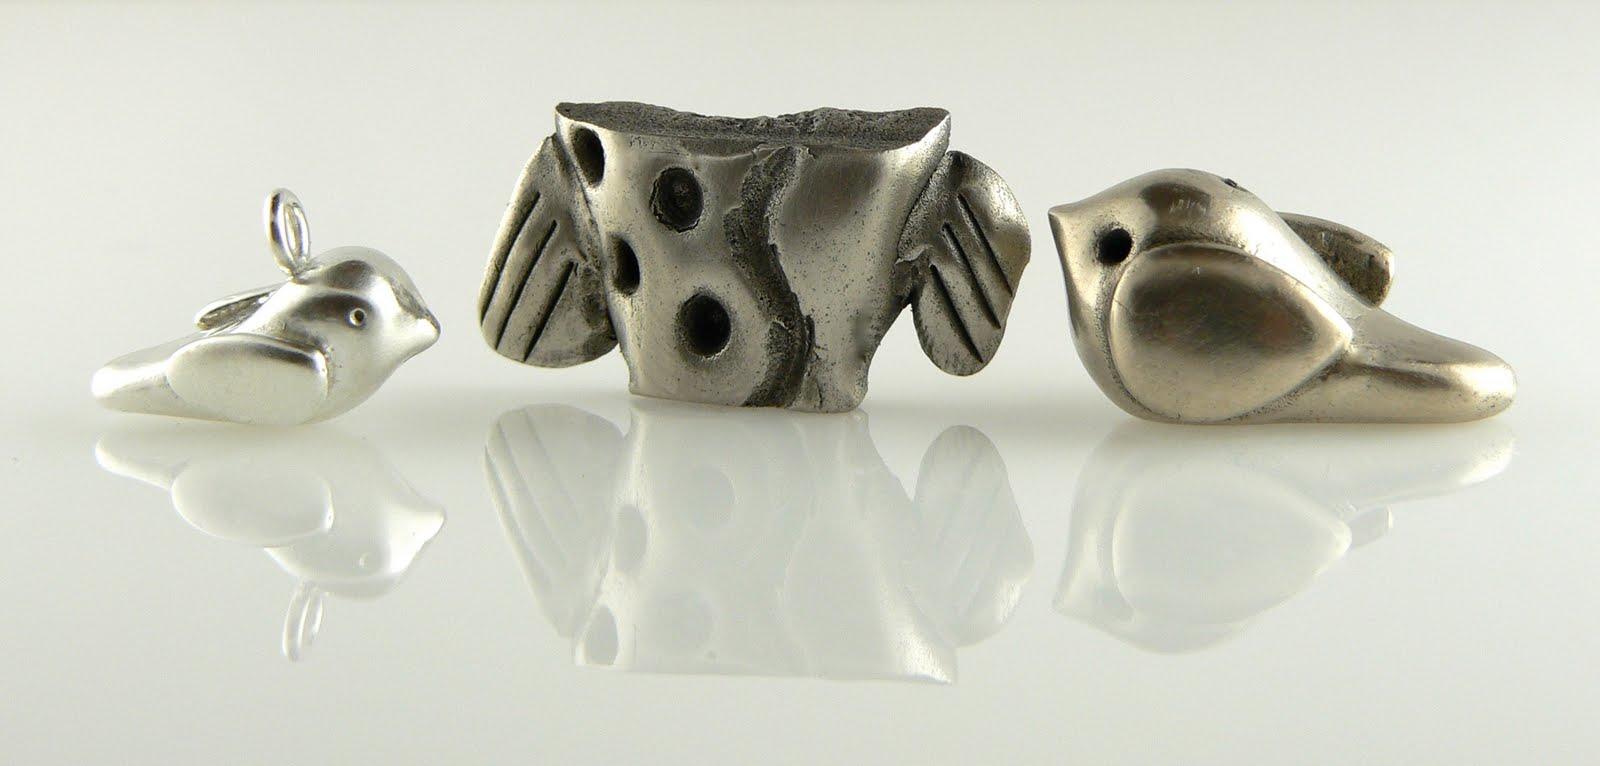 Prometheus clay